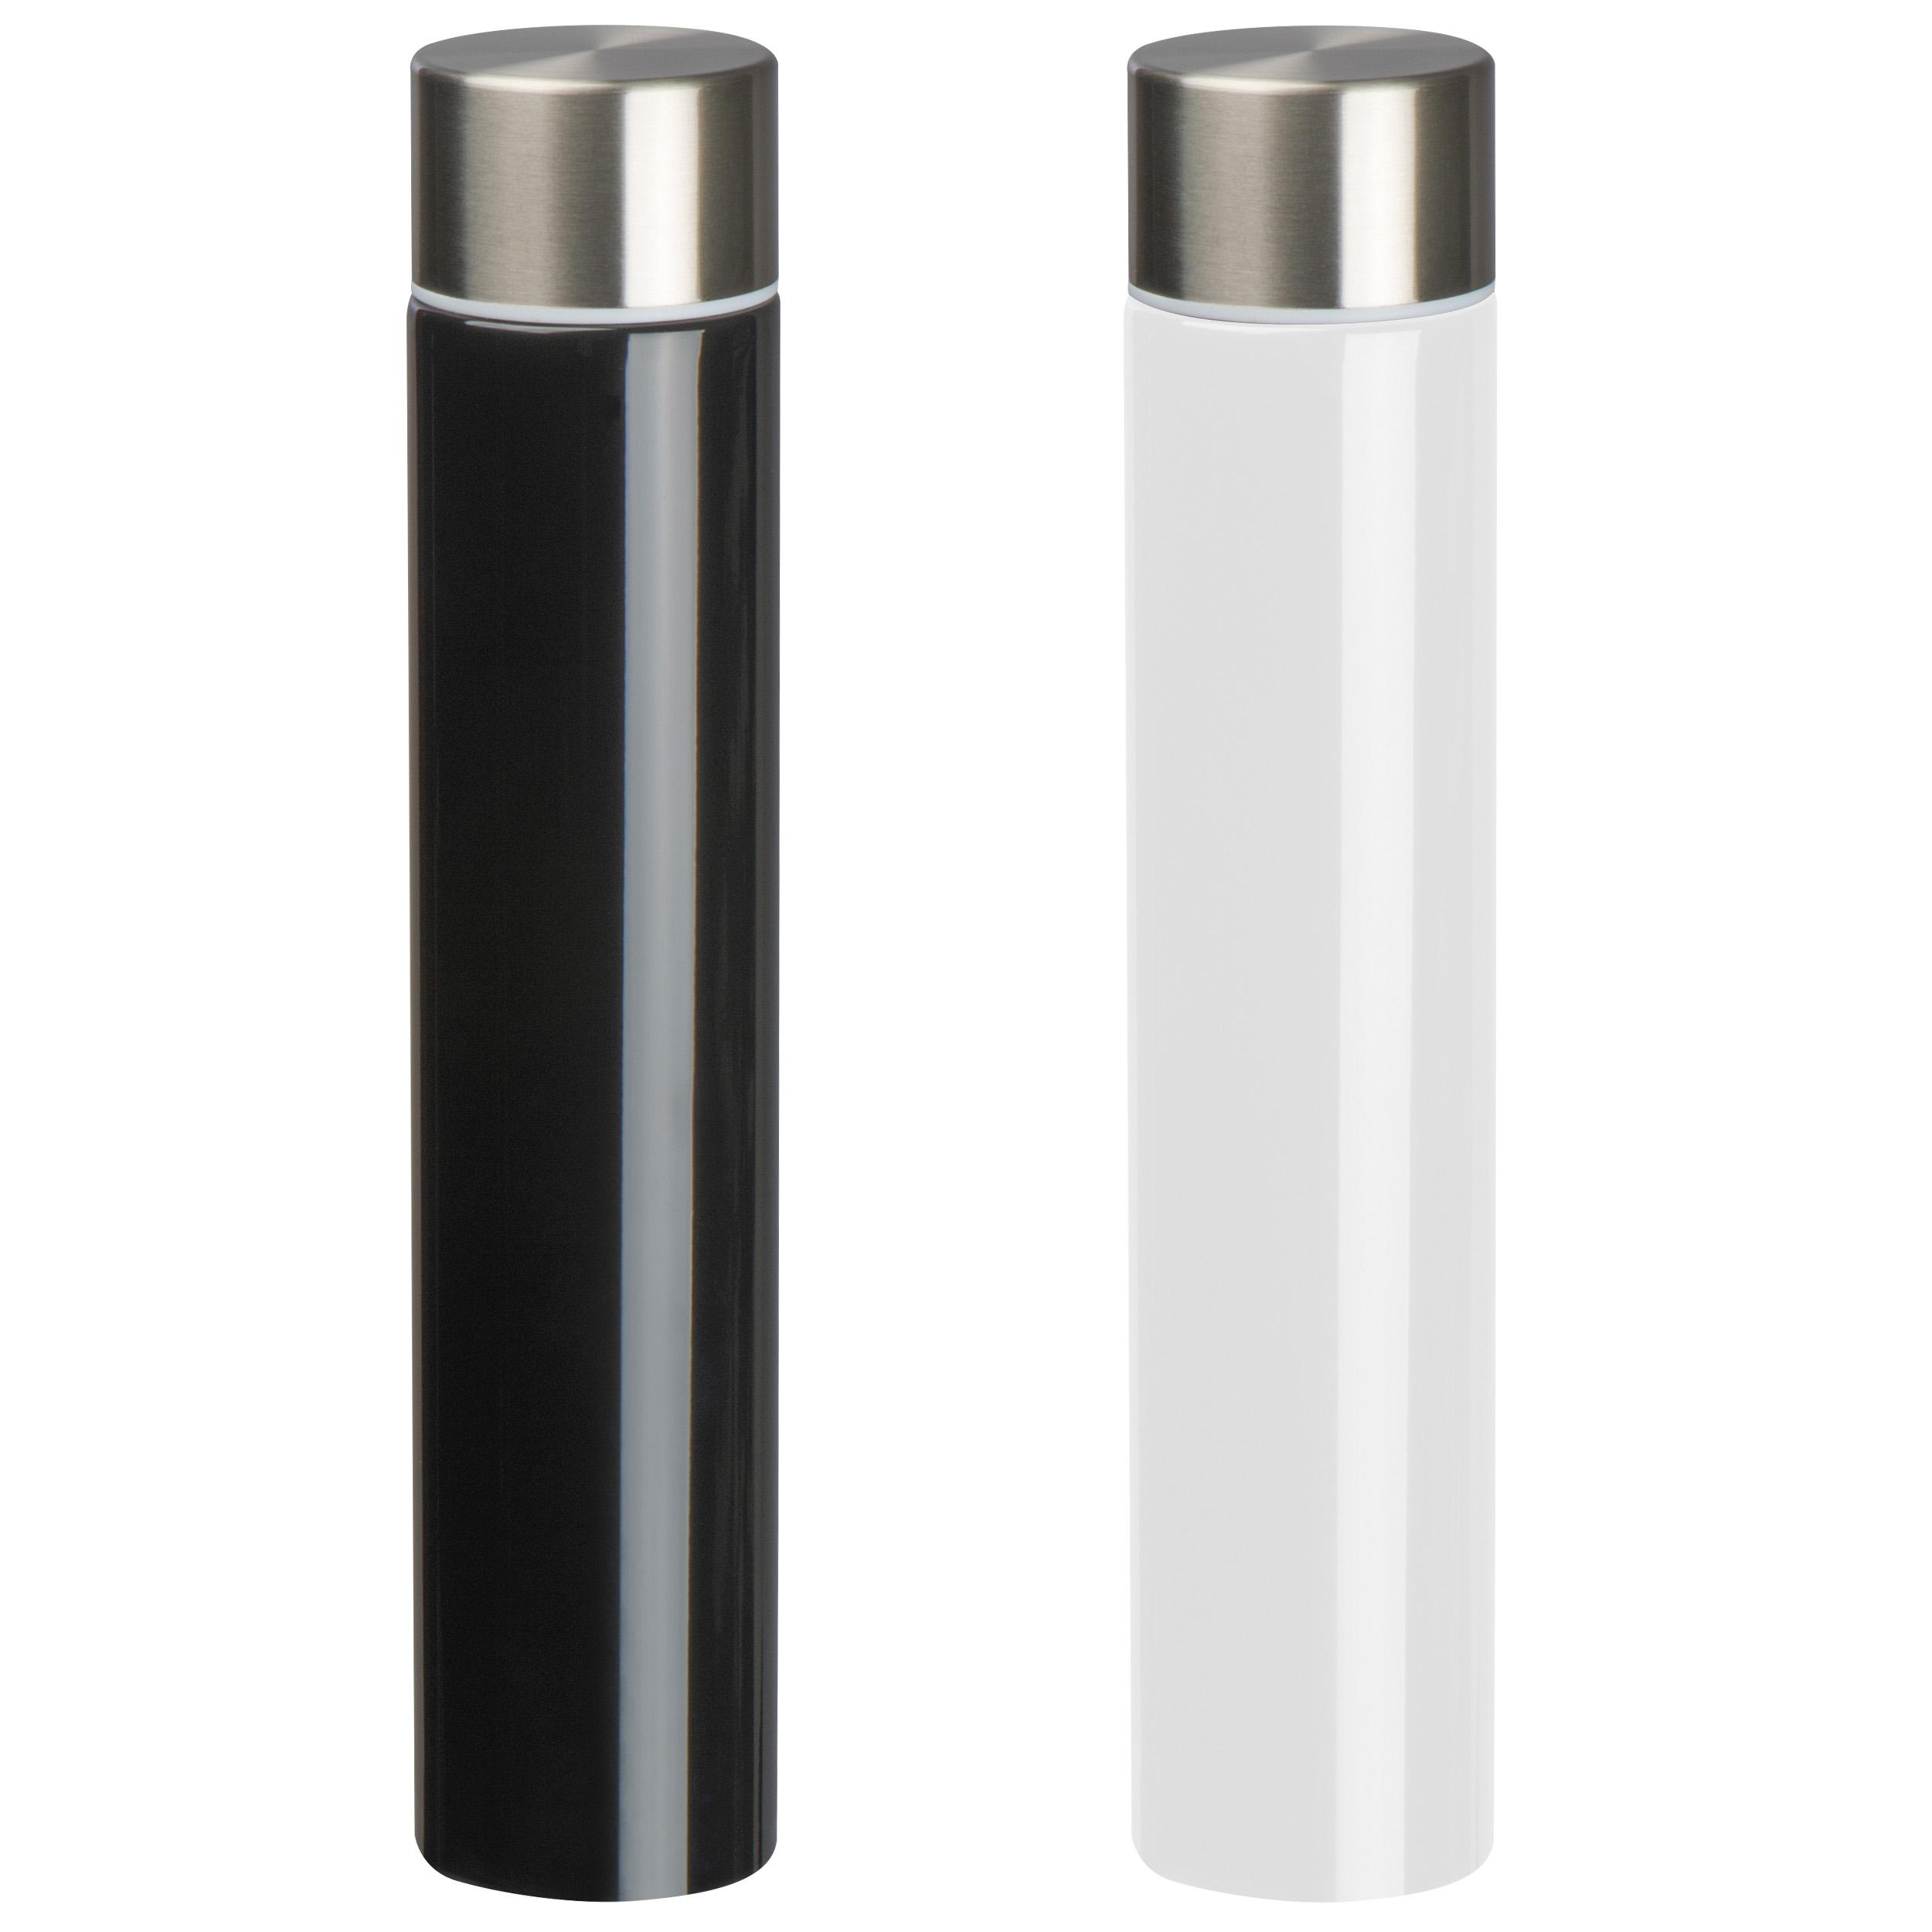 Bouteille thermos avec capacité de 310 ml